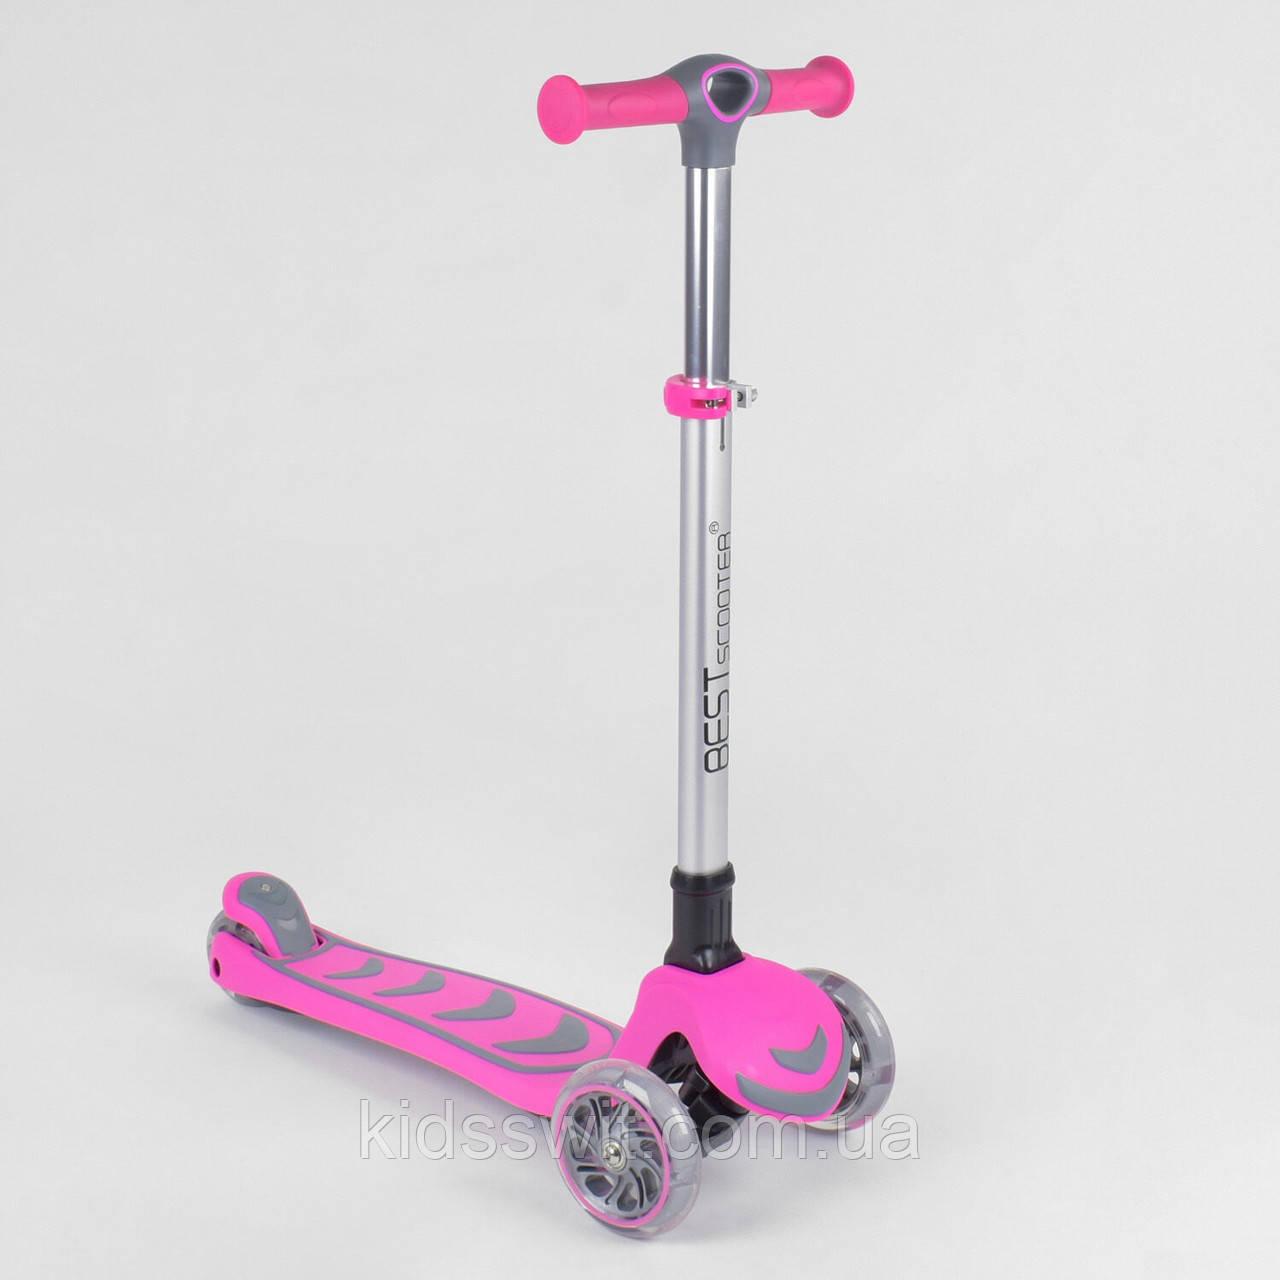 Самокат трехколесный Best Scooter, розовый, складной руль, 4 колеса PU со светом, d=12 см 57795